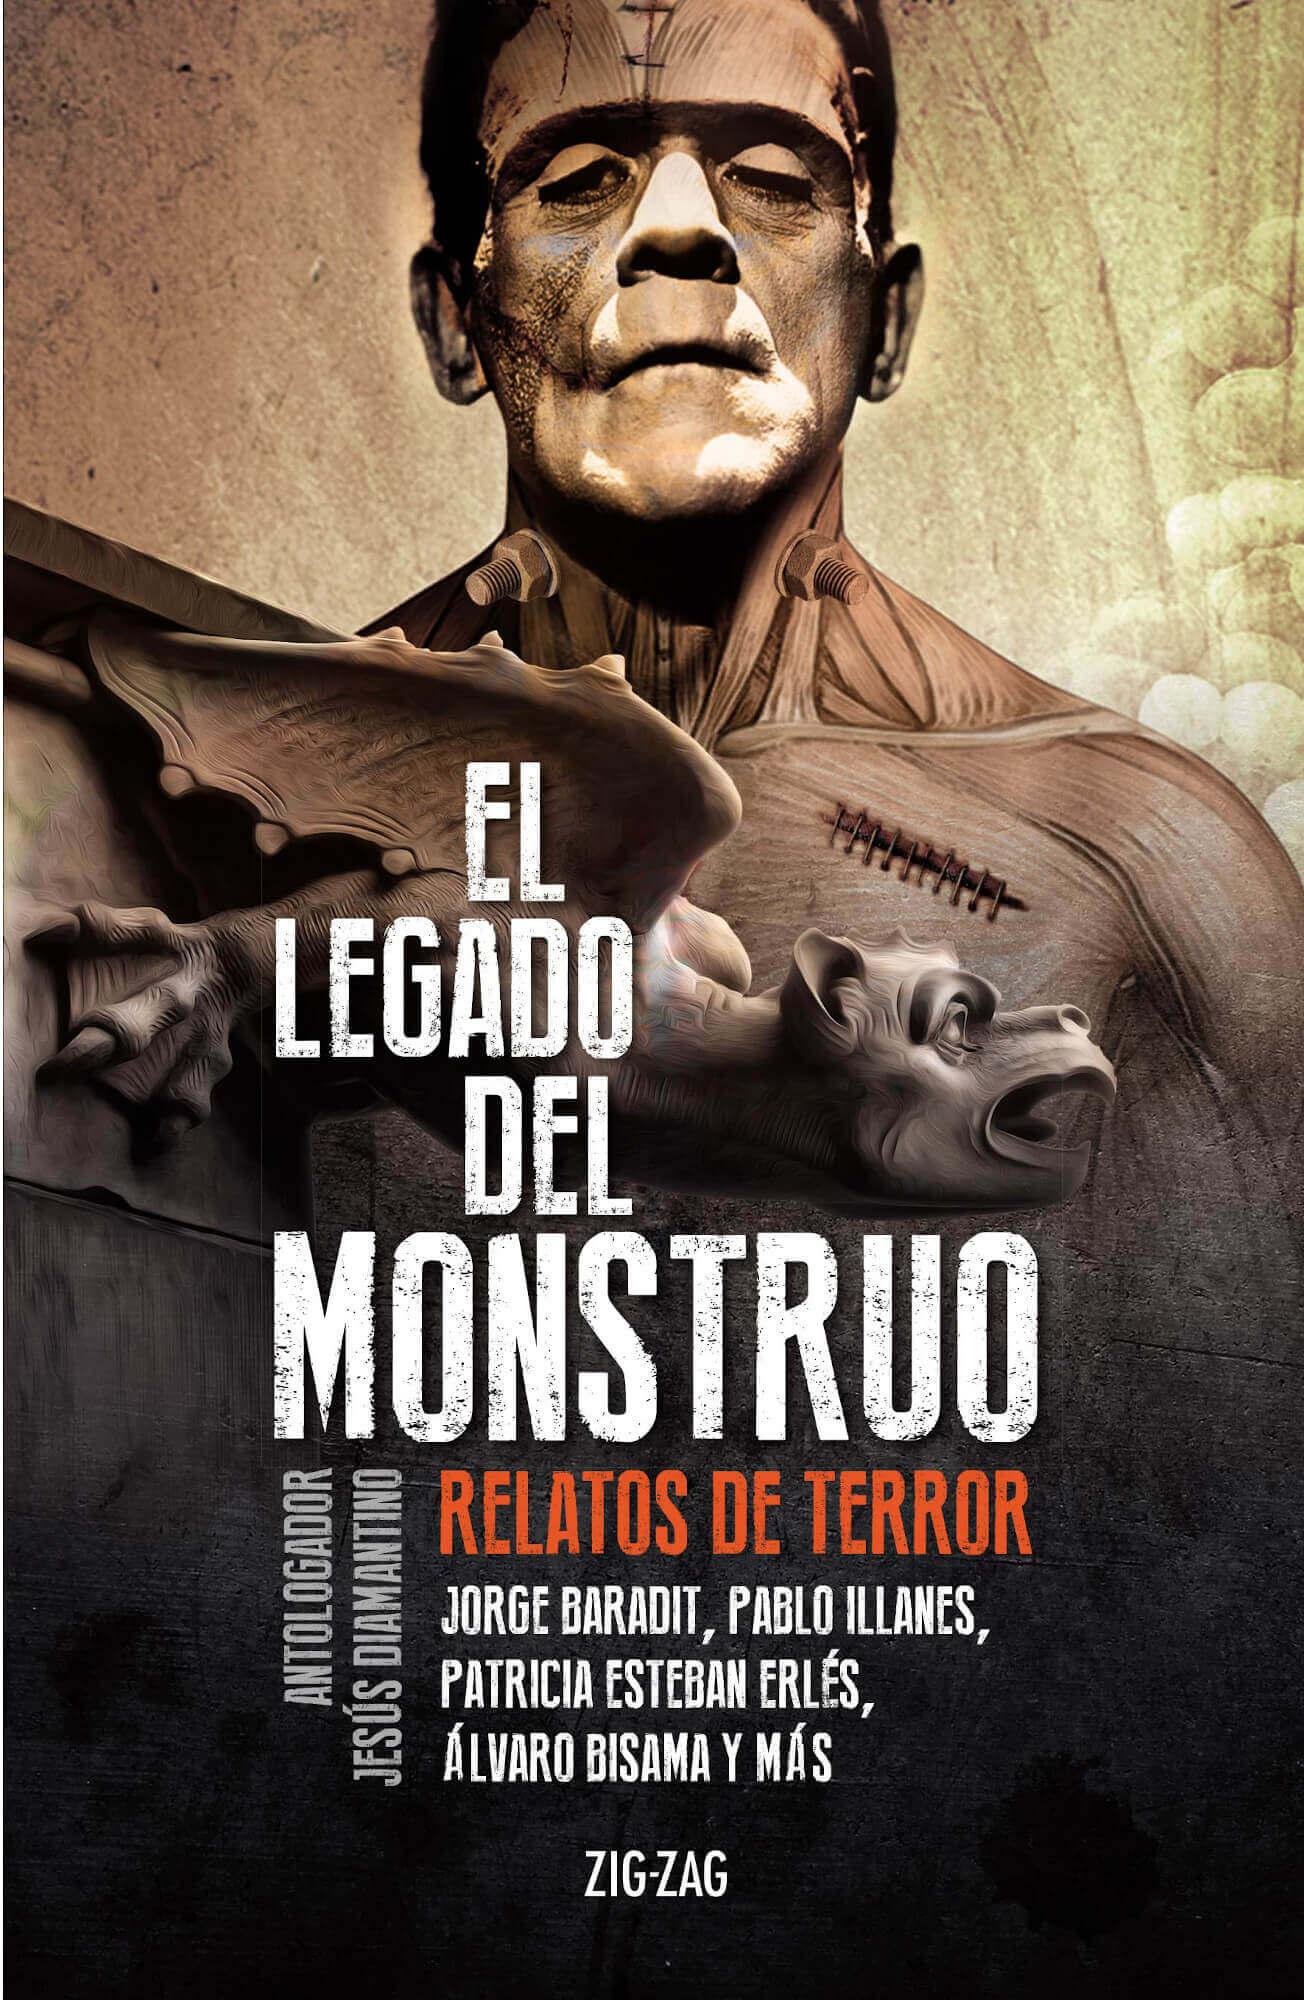 El legado del monstruo